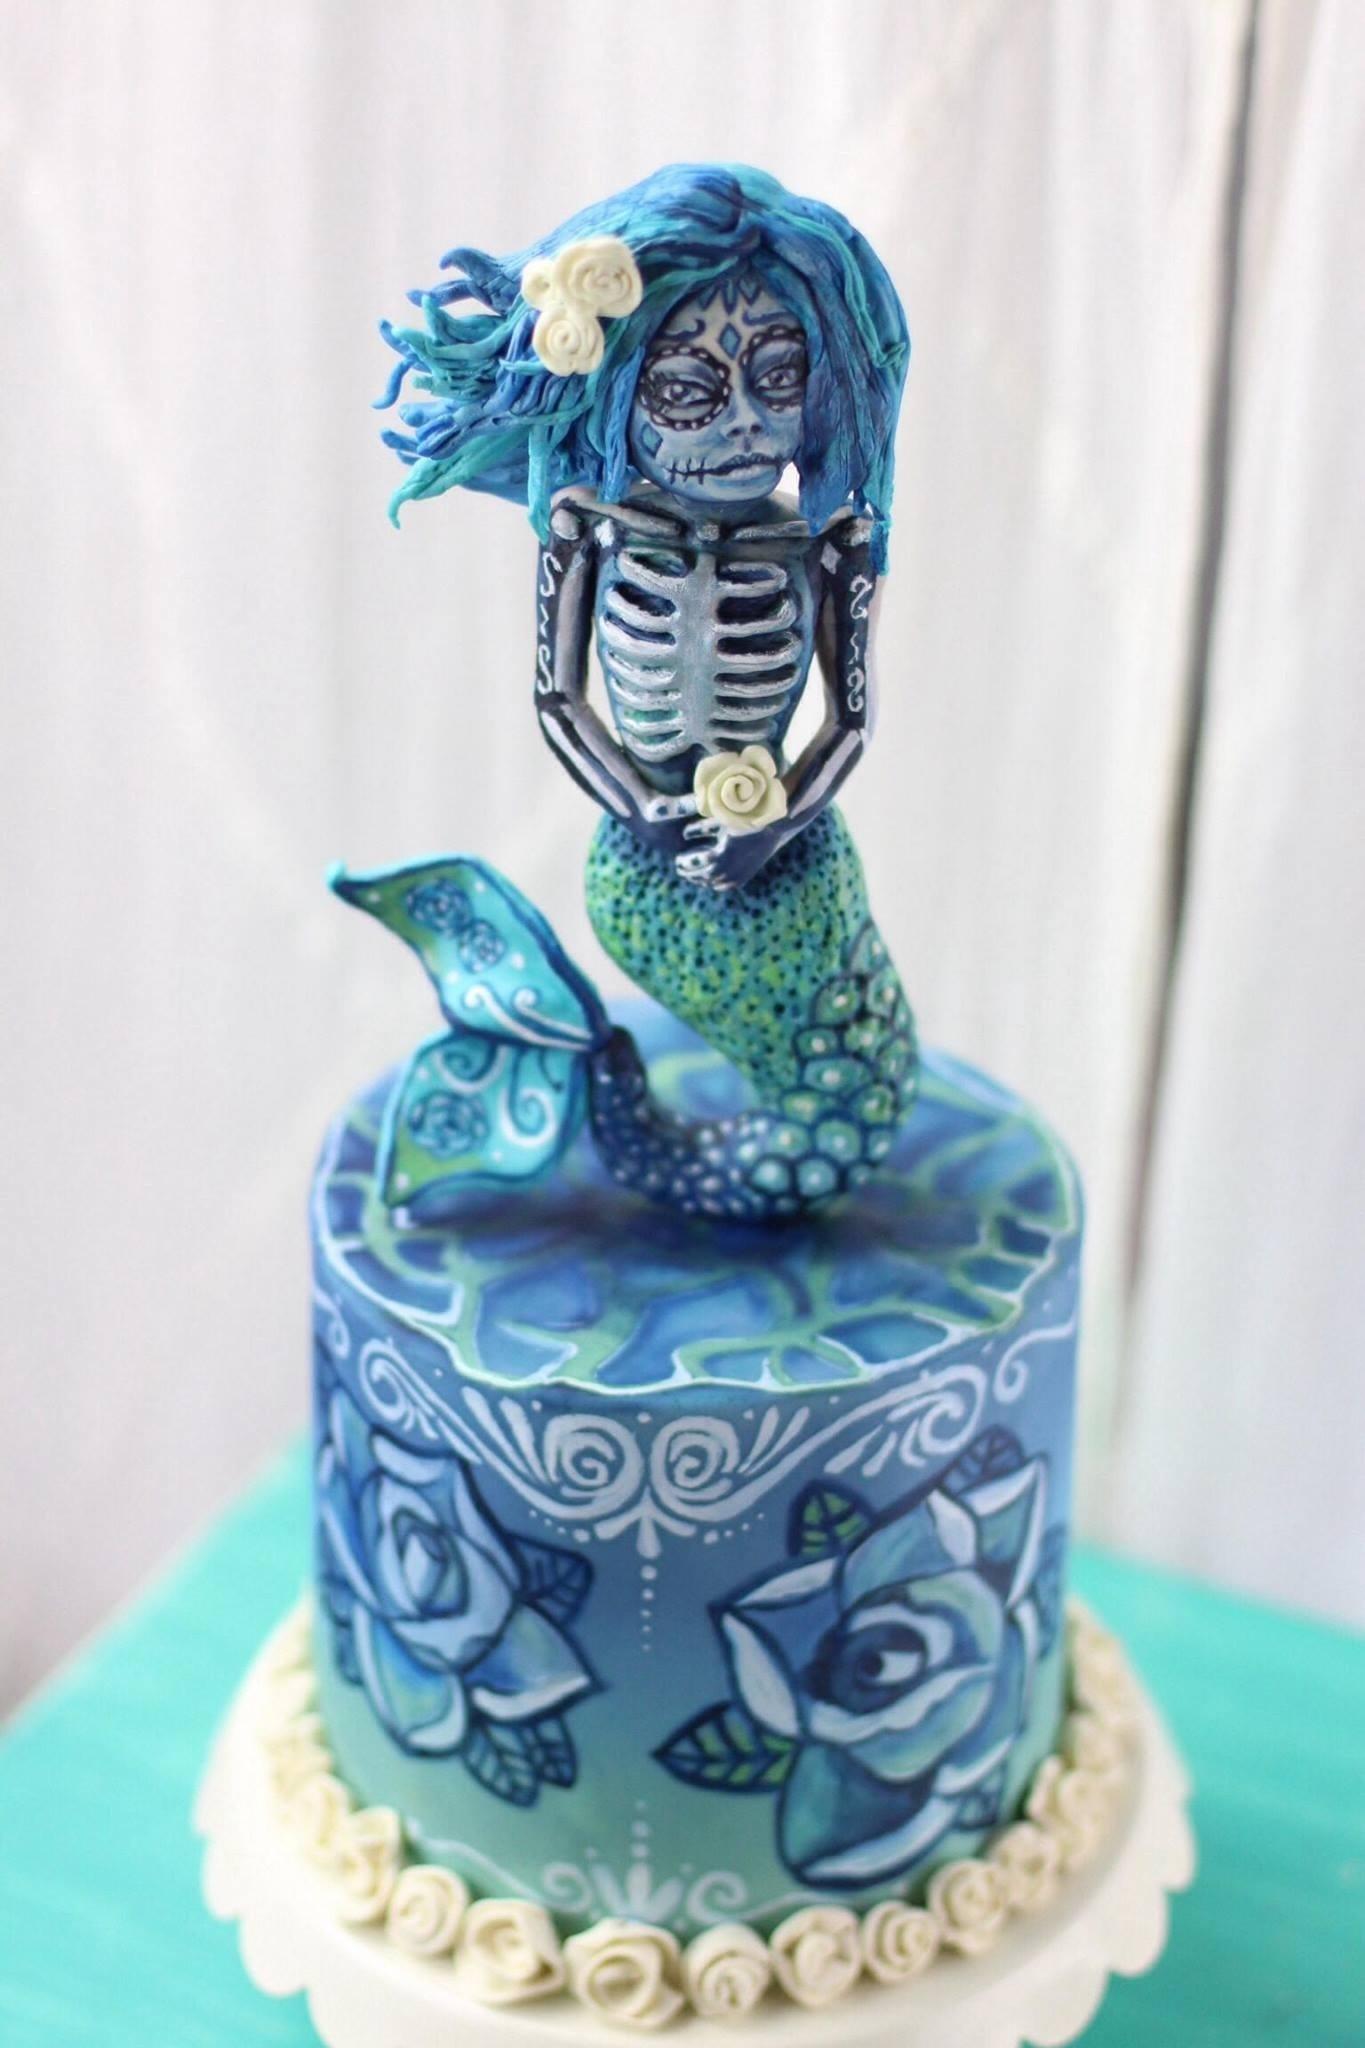 Sugar Skull Mermaid Cakecentral Com